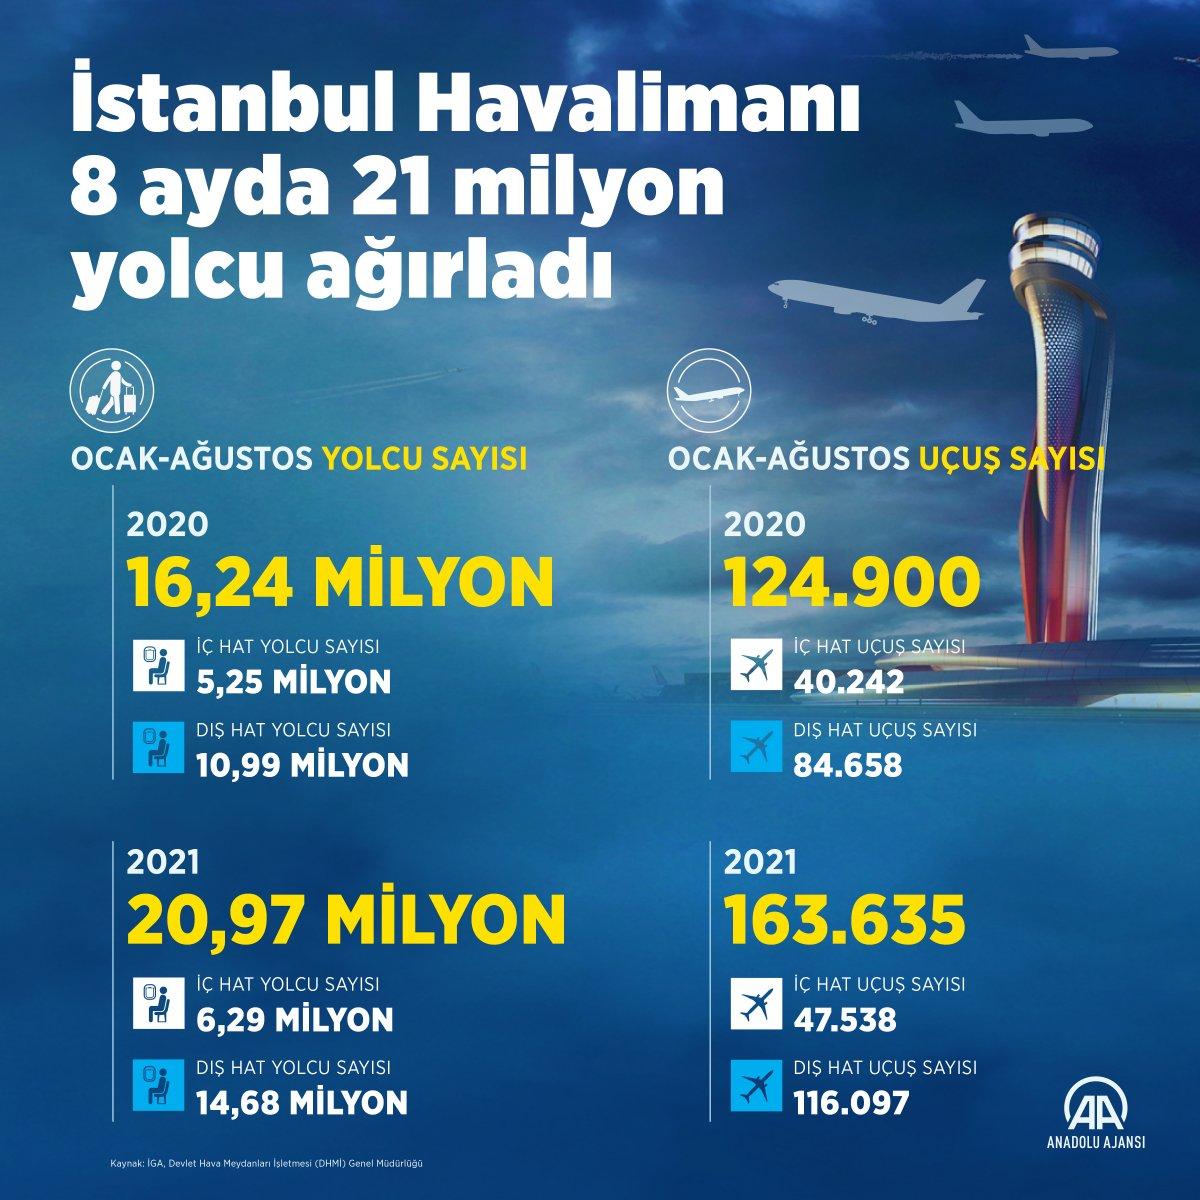 İstanbul Havalimanı, dünyanın en iyi ikinci havalimanı oldu #2